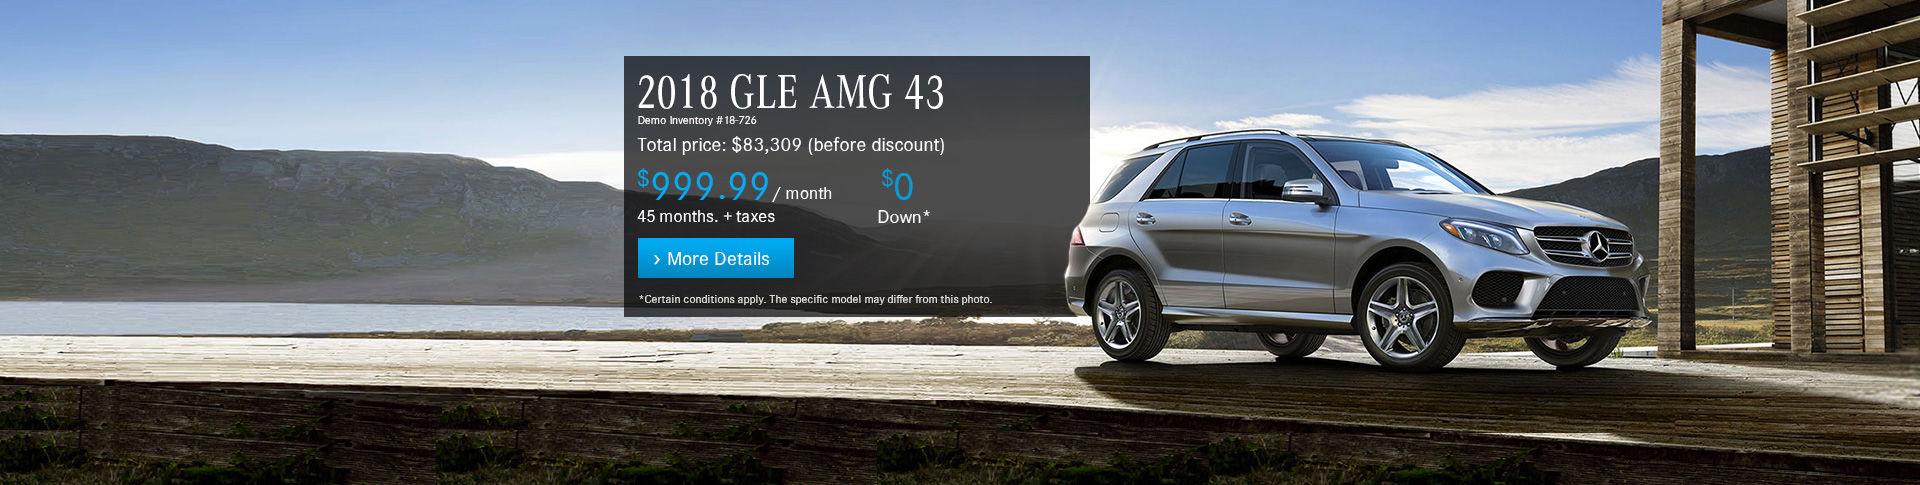 2018 GLE AMG 43